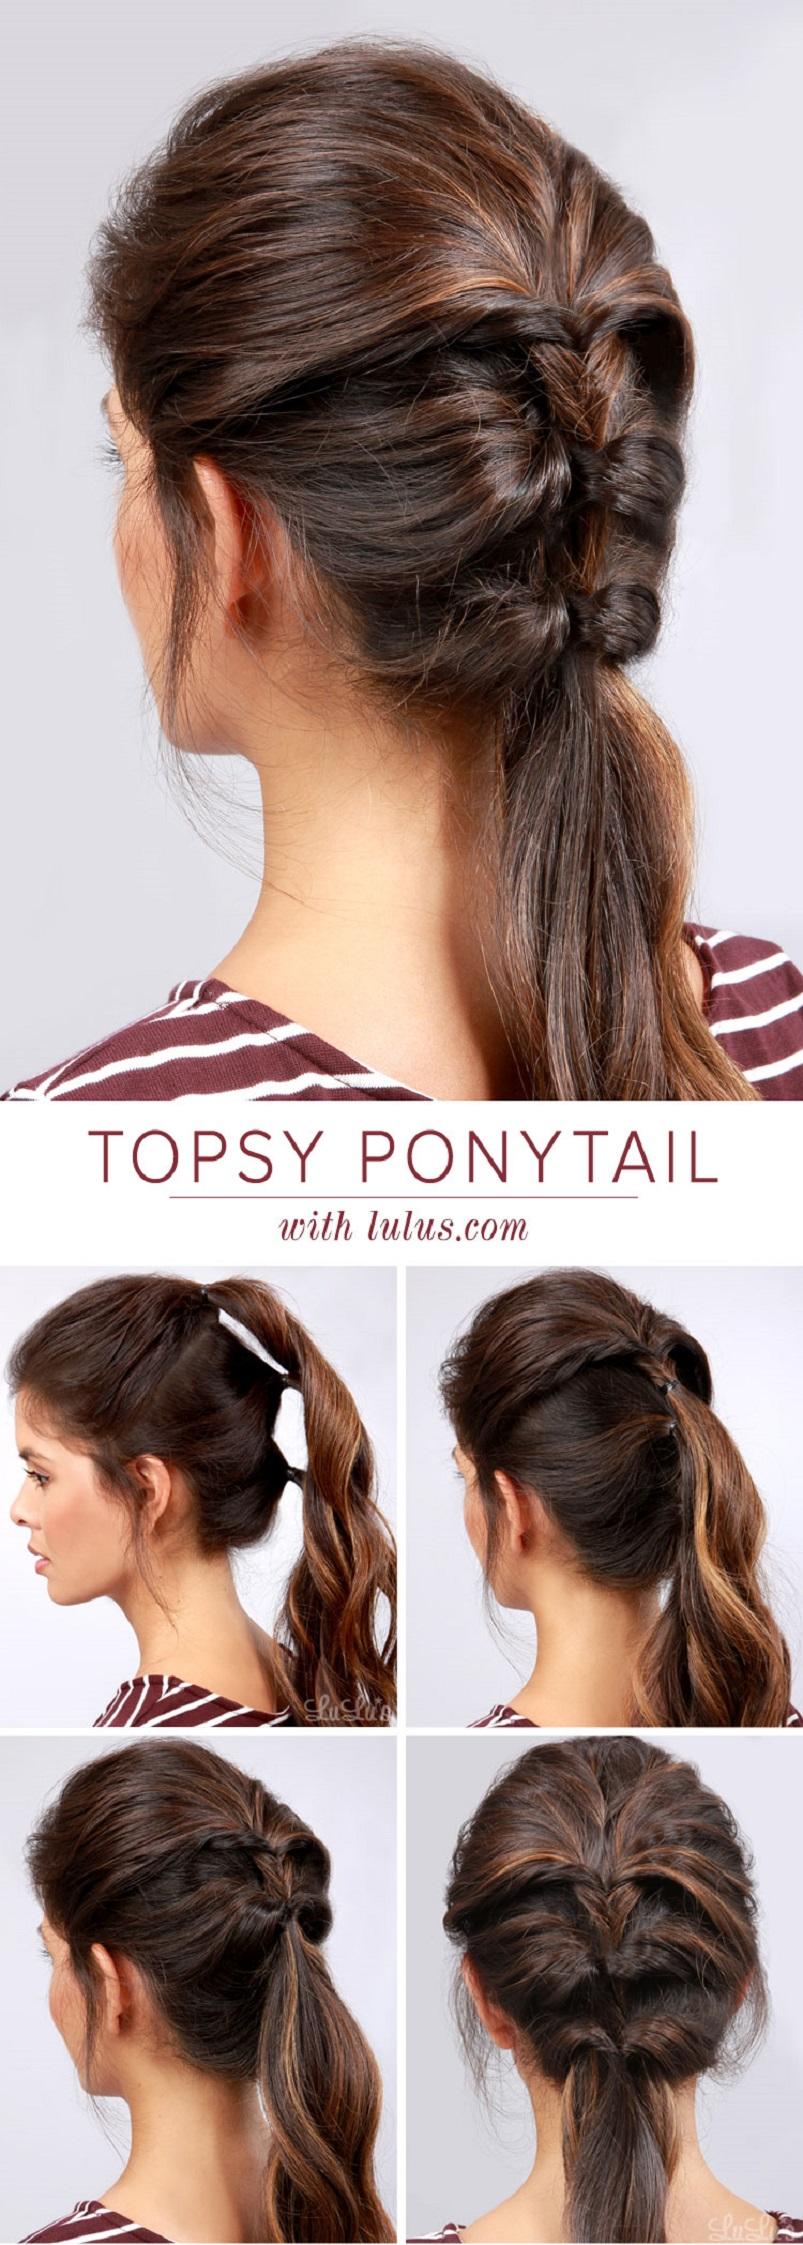 Topsy ponytail